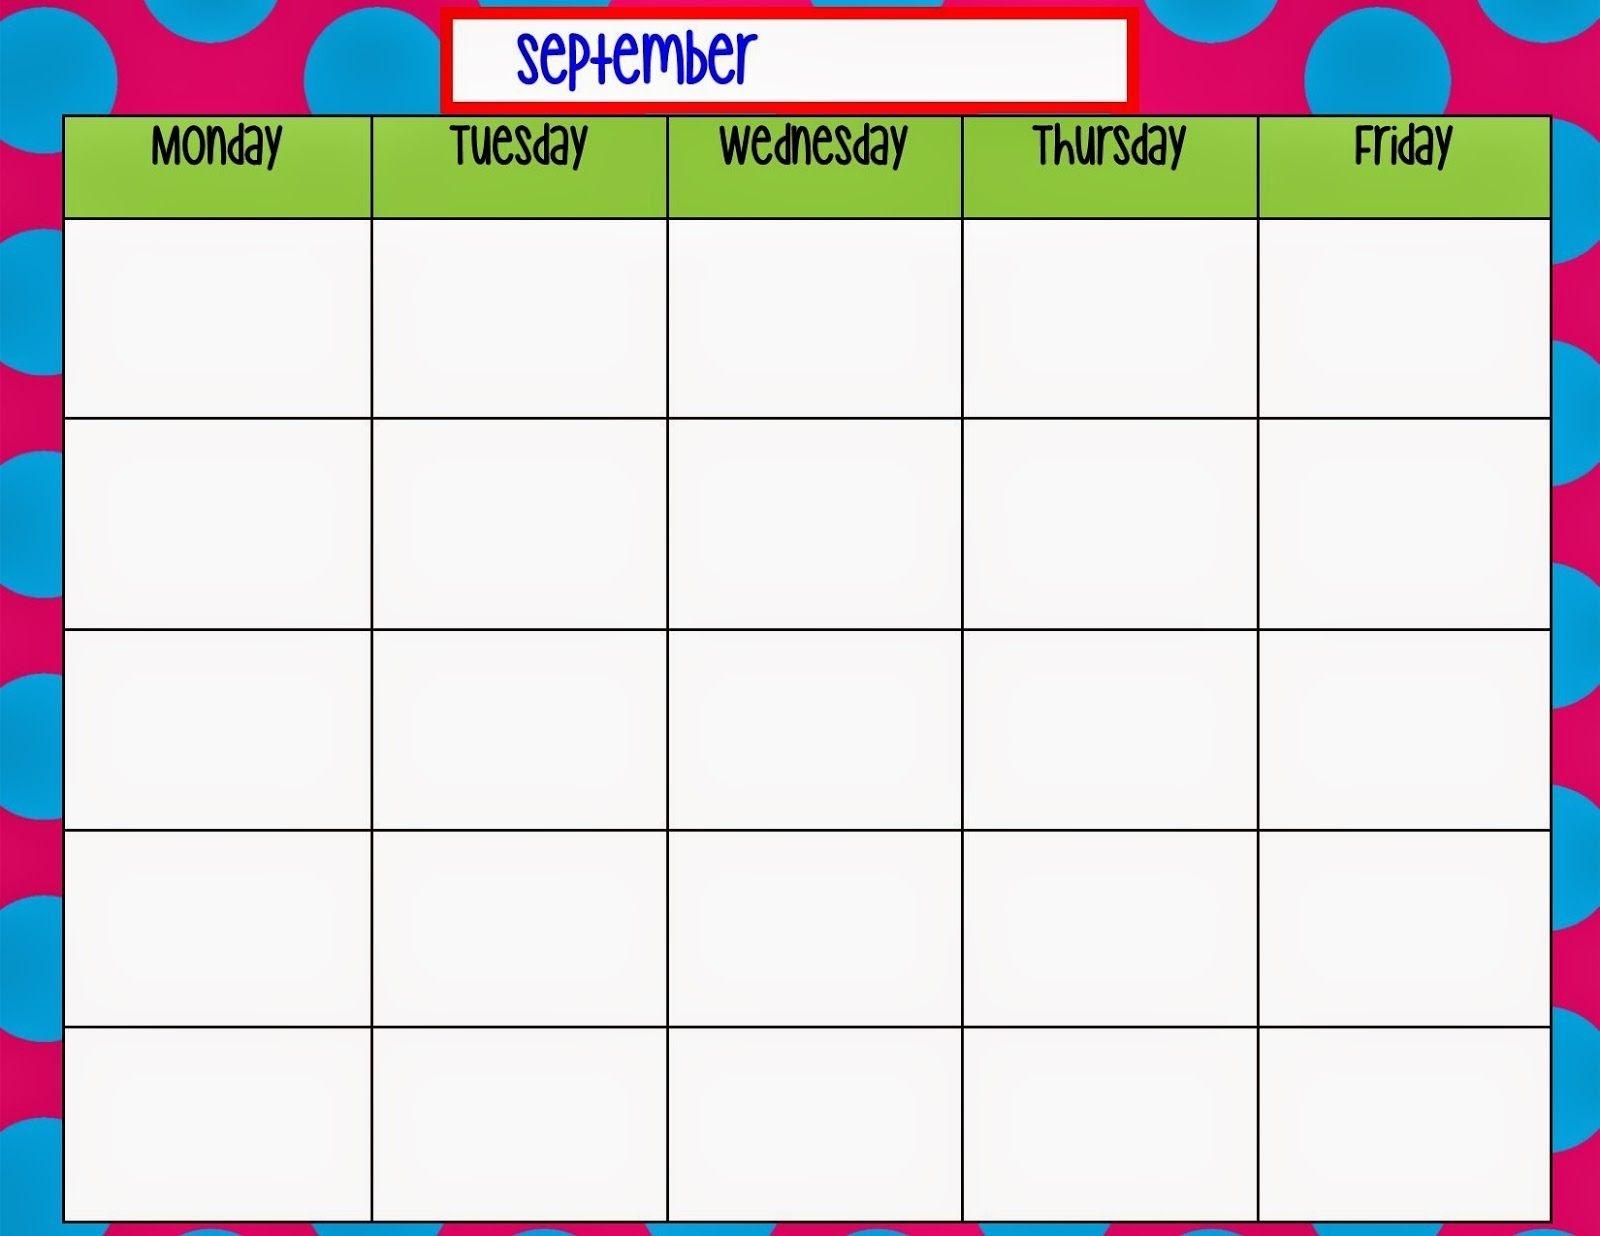 Monday Through Friday Calendar Template   Preschool   Weekly-Monday Friday Calendar Template